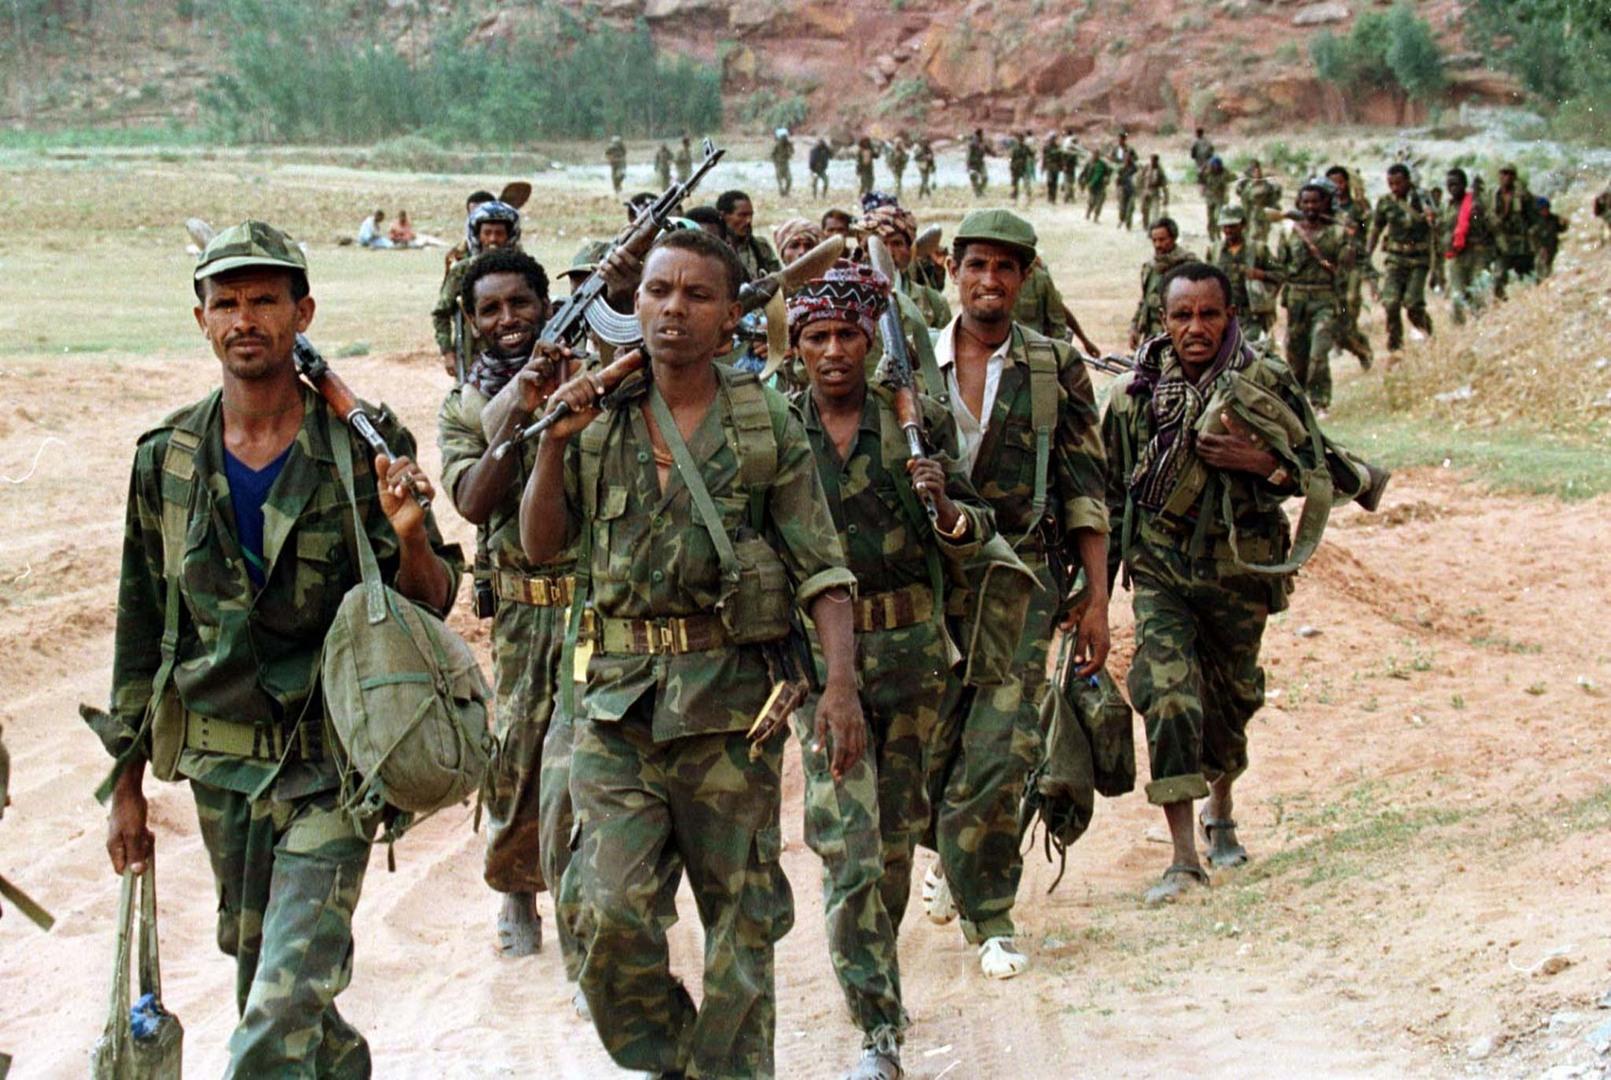 صحيفة إثيوبية: أديس أبابا تستعد لإنشاء قاعدة عسكرية في البحر الأحمر